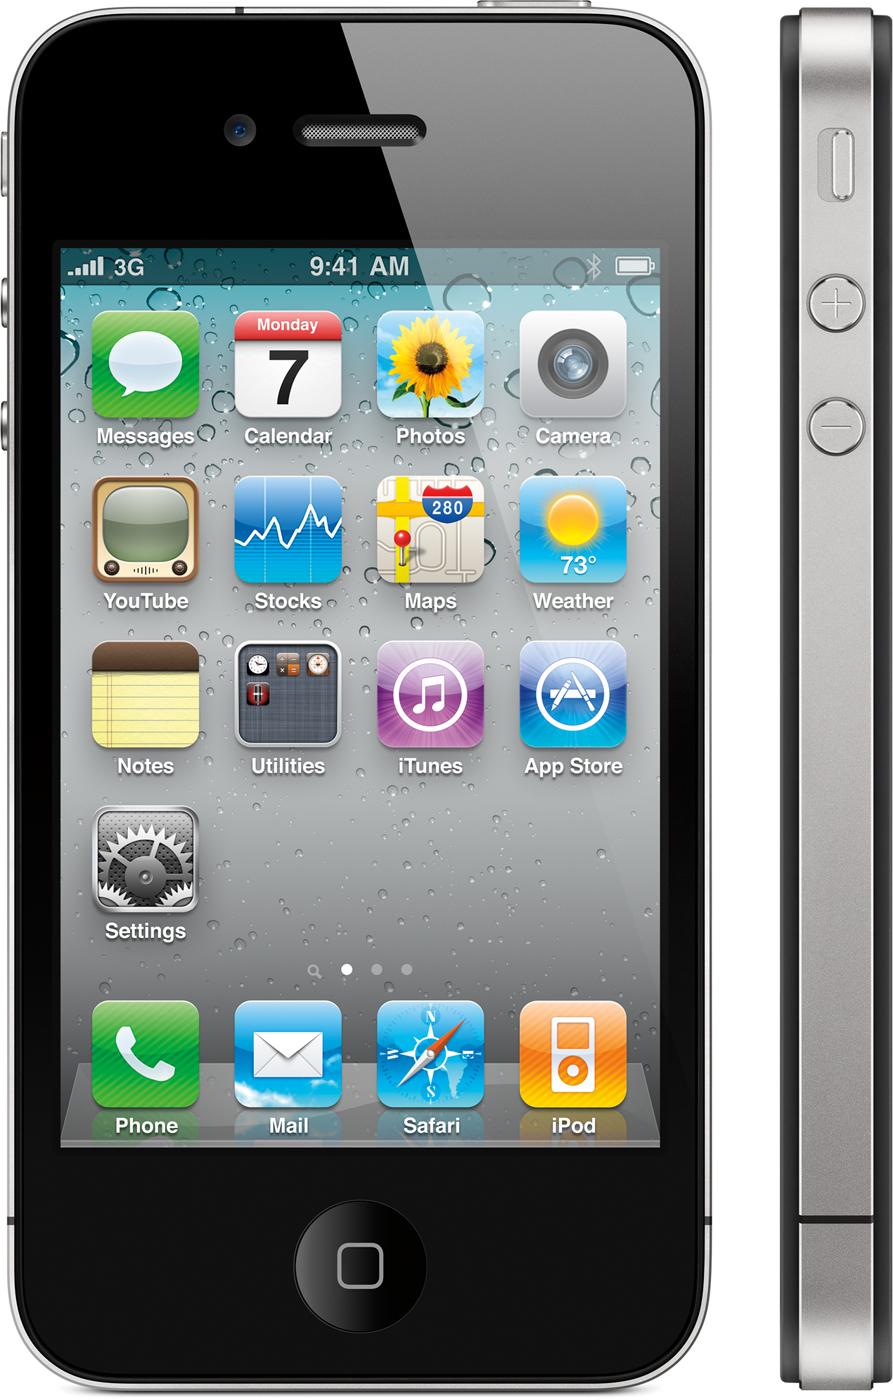 iPhone 4 visto de frente, com visão lateral também